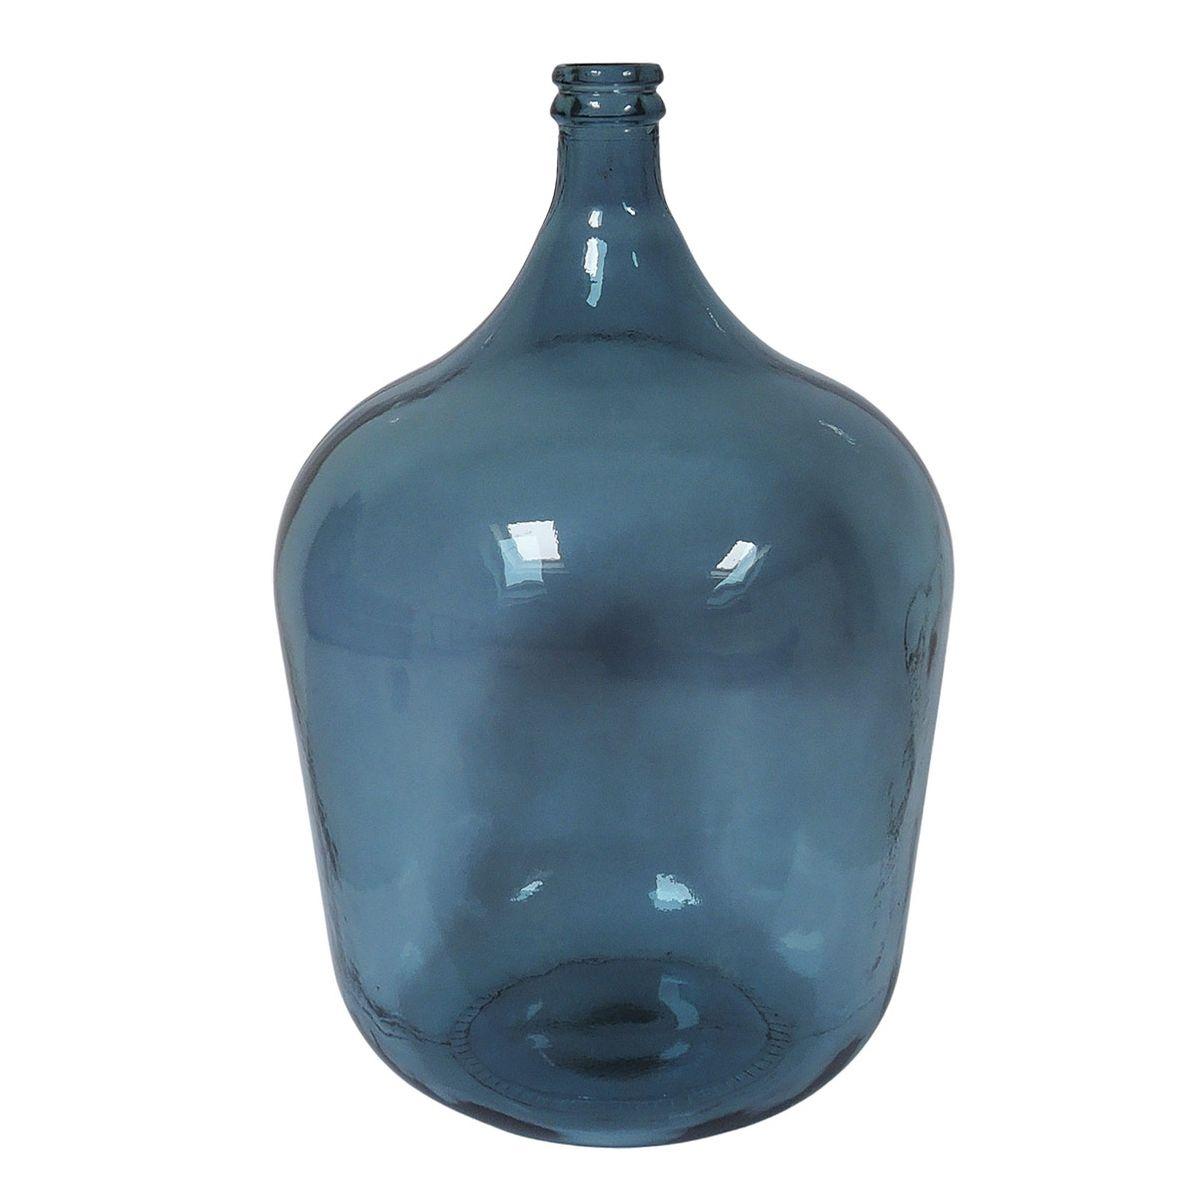 Bonbonne dame jeanne 34L bleu